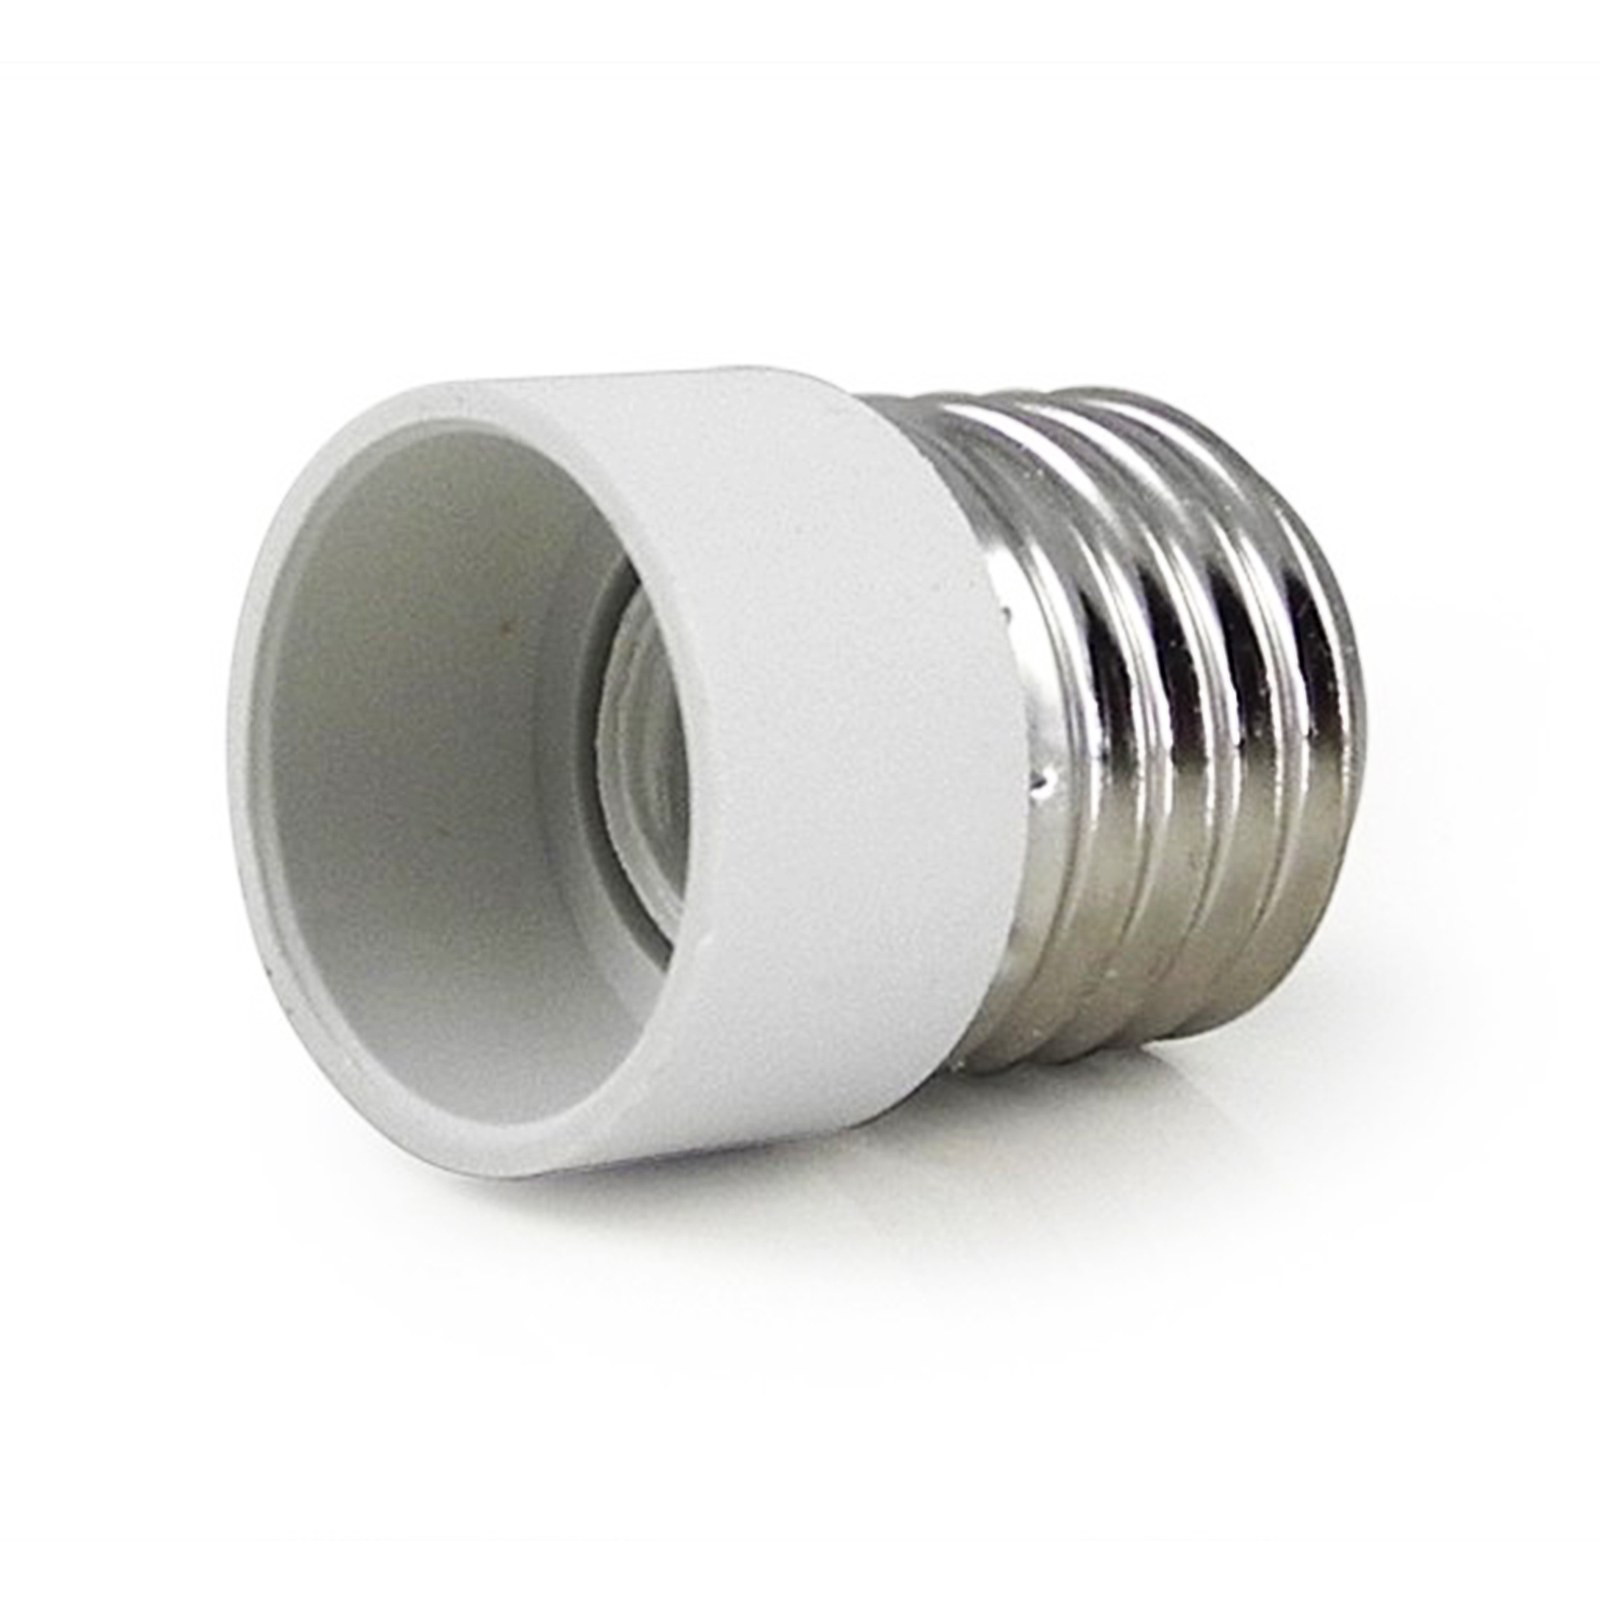 lampadina per faretto : Adattatore Lampada Lampadina Faretto Convertitore LIFE LED Attacco E27 ...